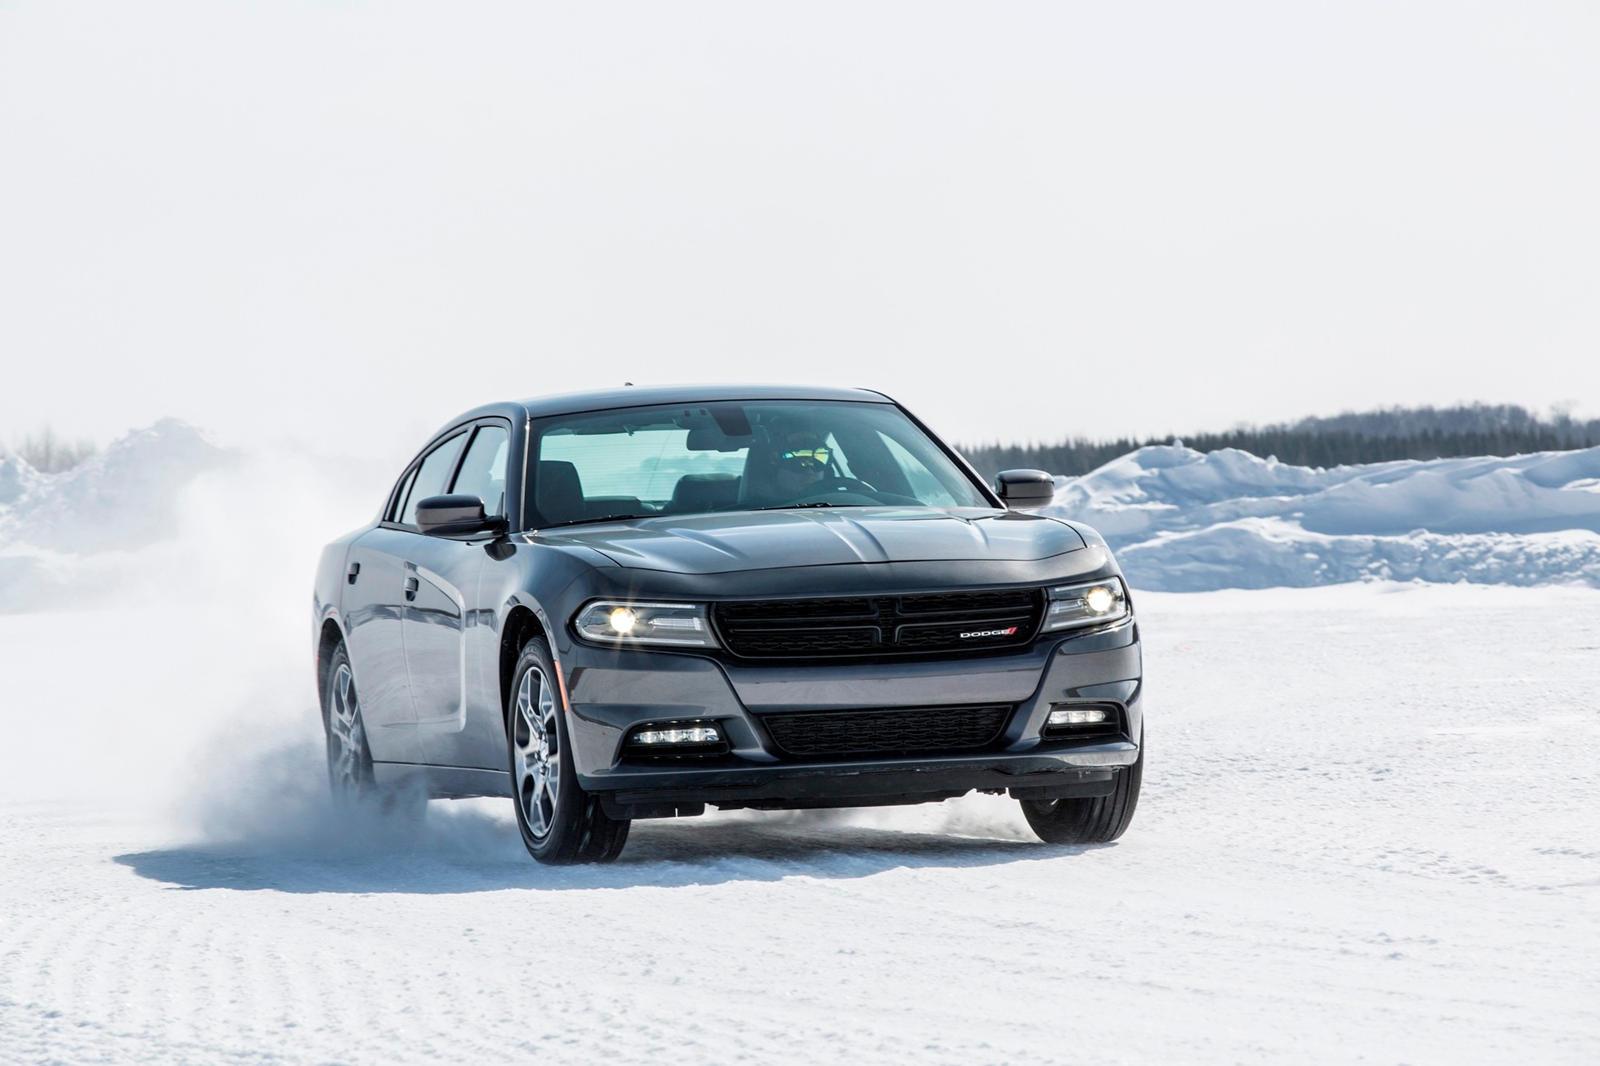 Ранее только Charger SXT предлагал AWD, предоставляя покупателям только один вариант для зимних автомобилей с четырьмя дверями.